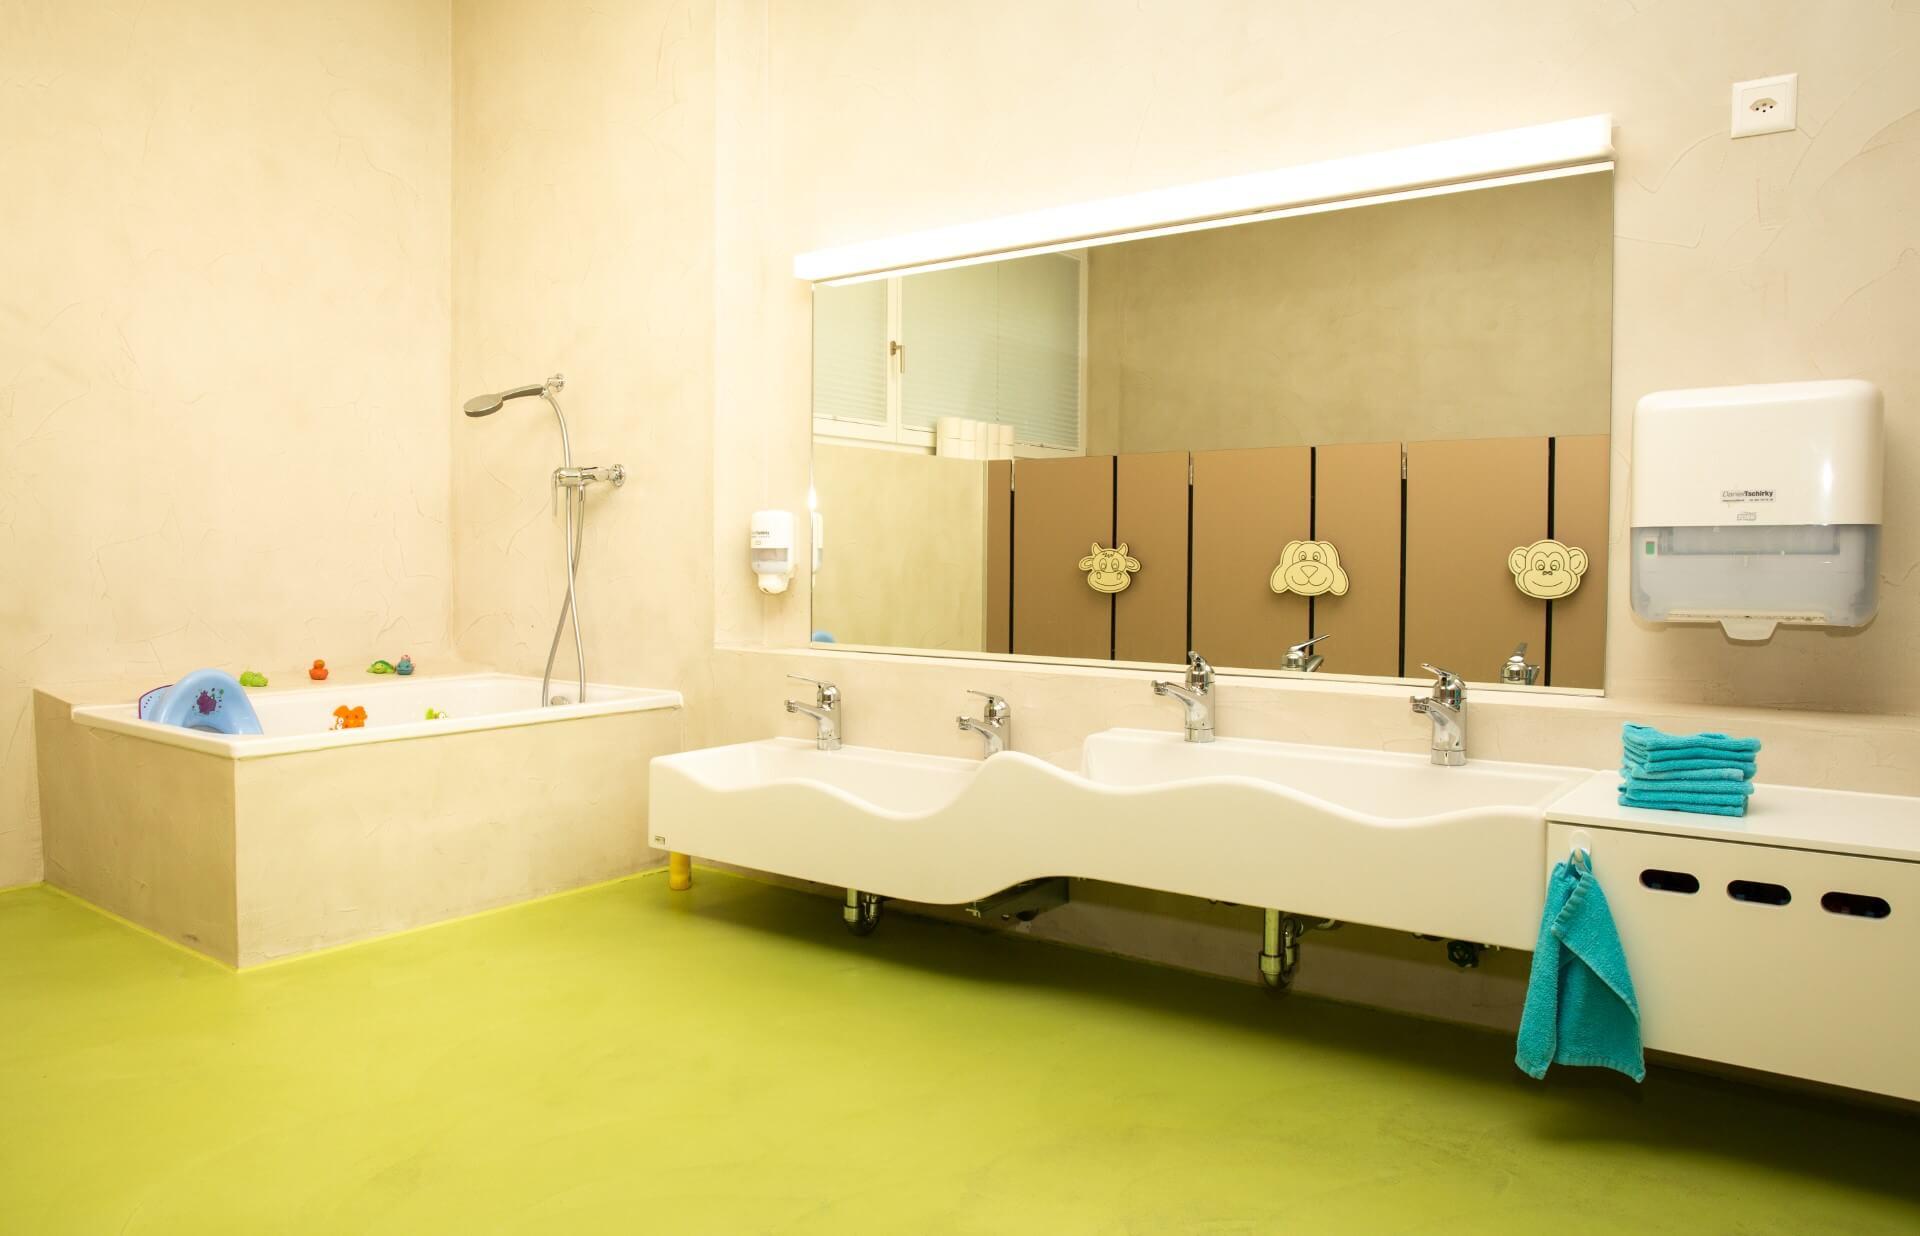 Badezimmer der Kiwi Kindertagesstaette in Wiesendangen